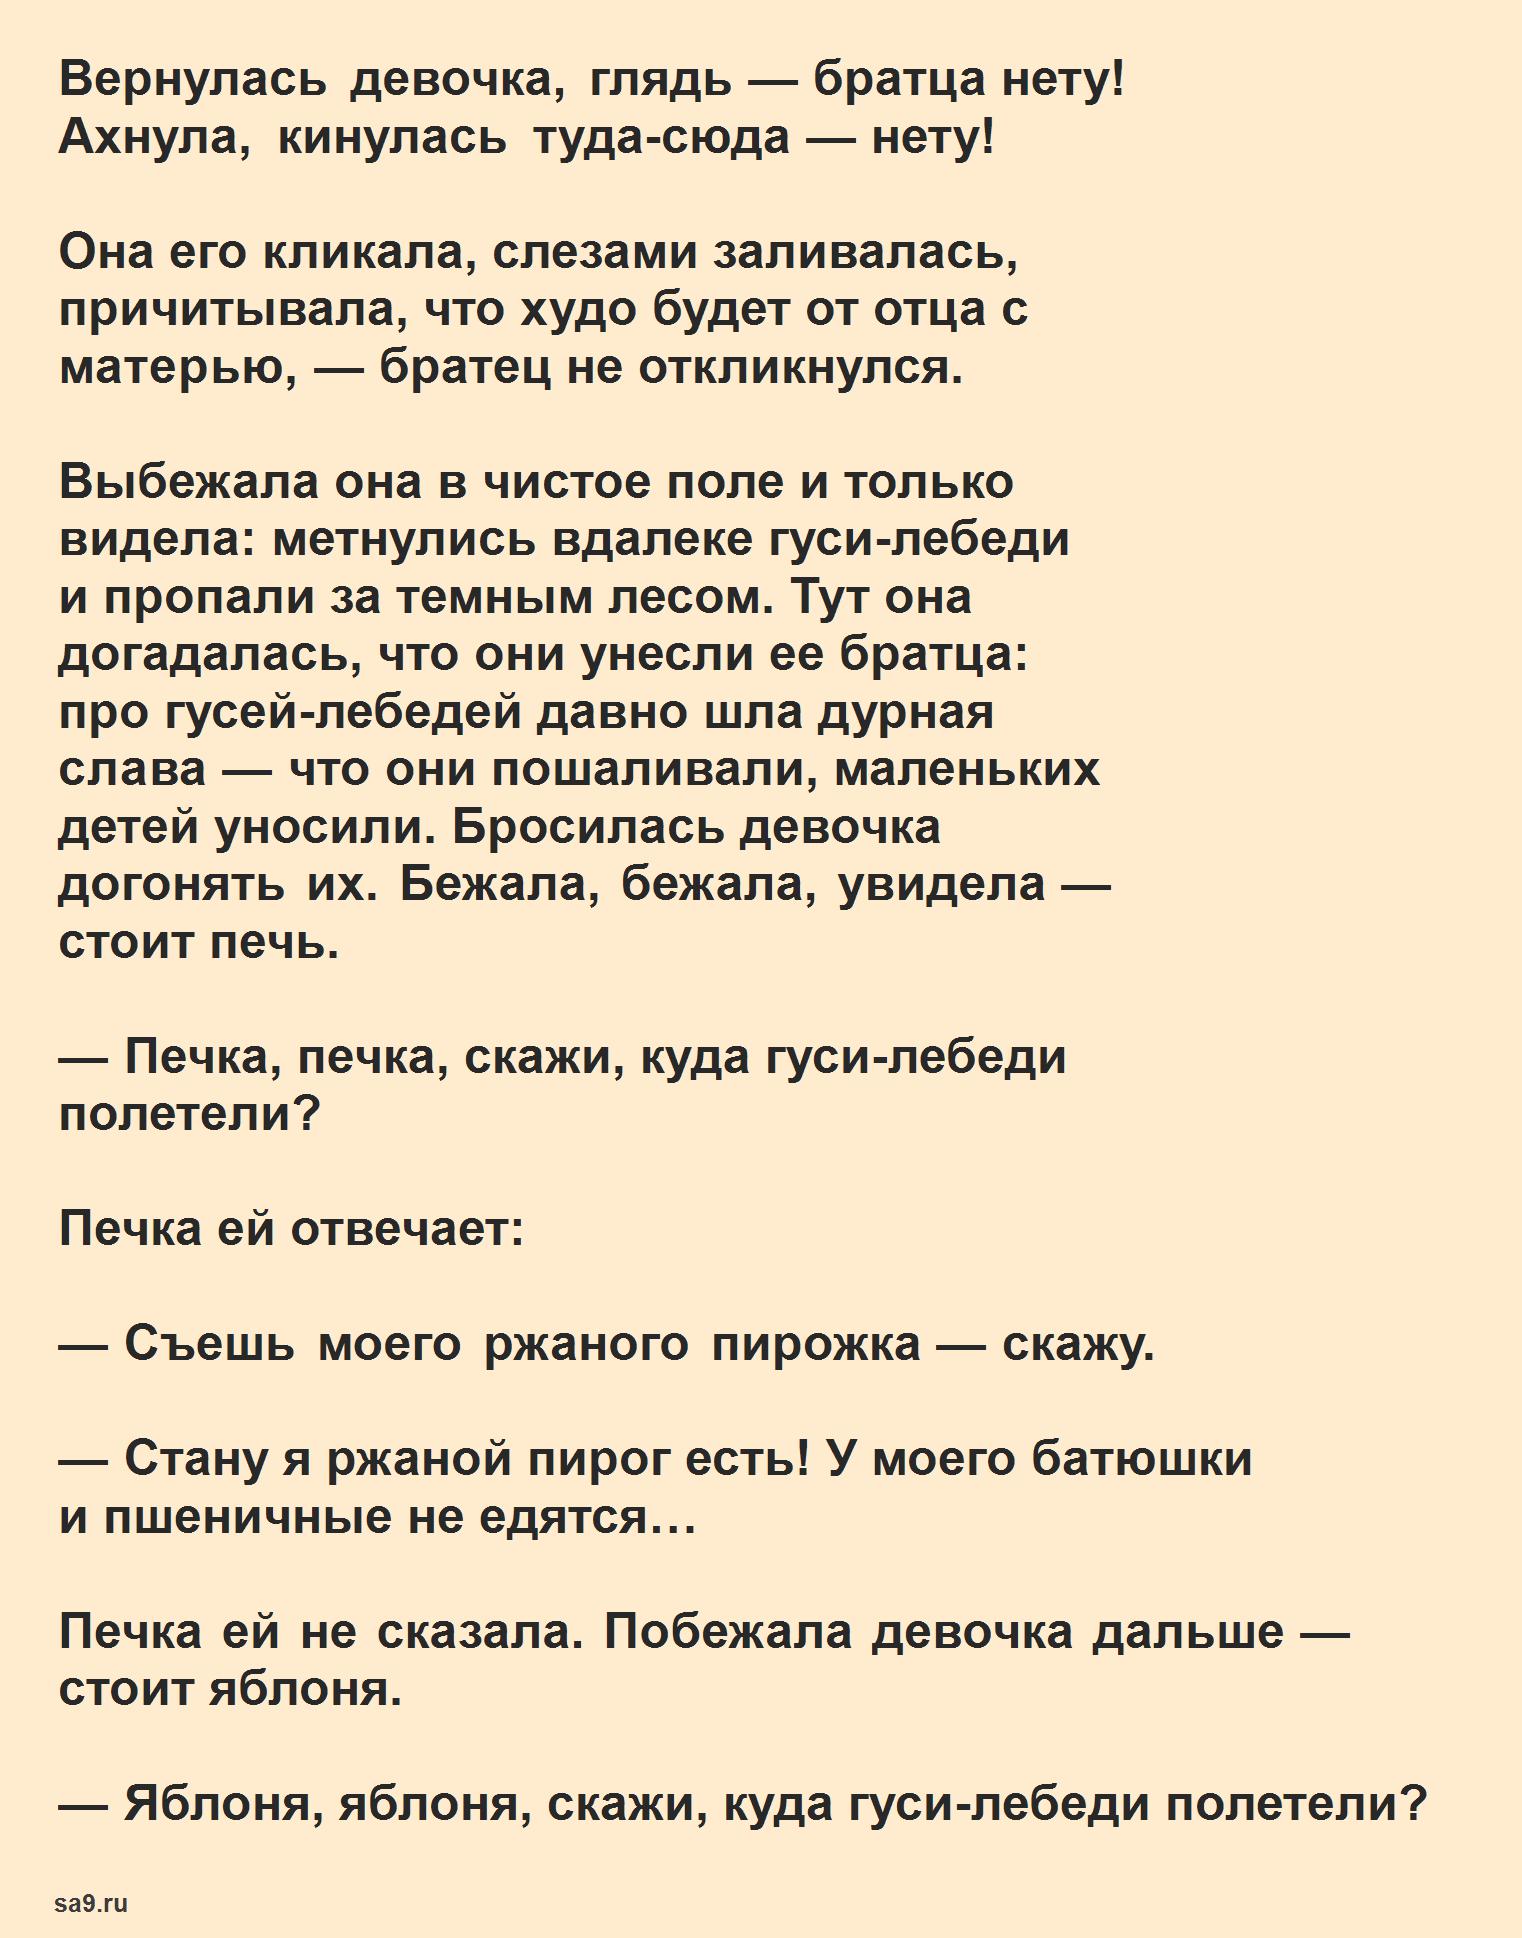 Русская народная сказка для детей – Гуси-лебеди